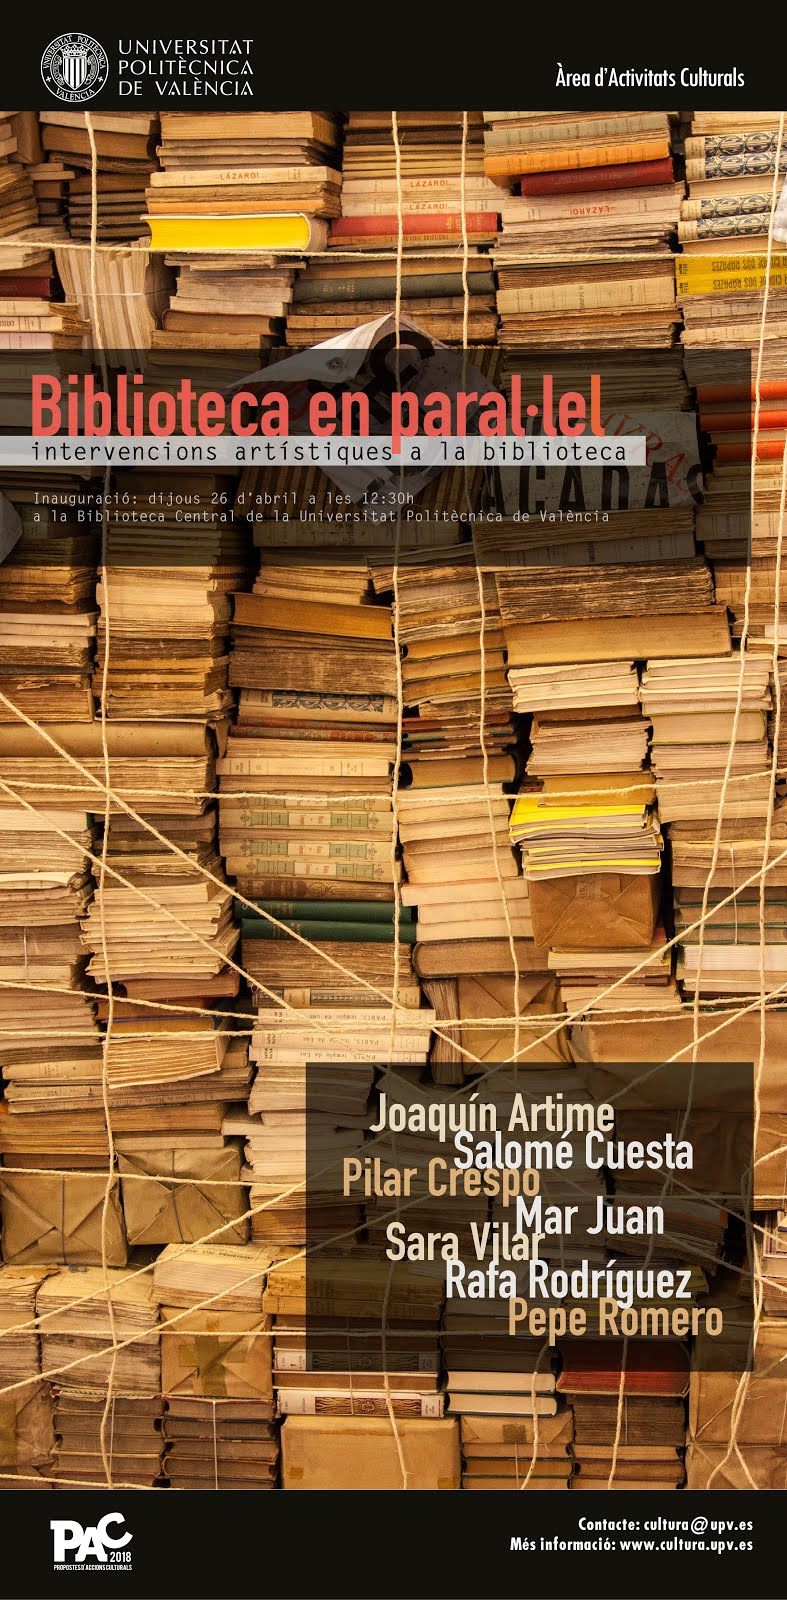 Biblioteca en paral·lel